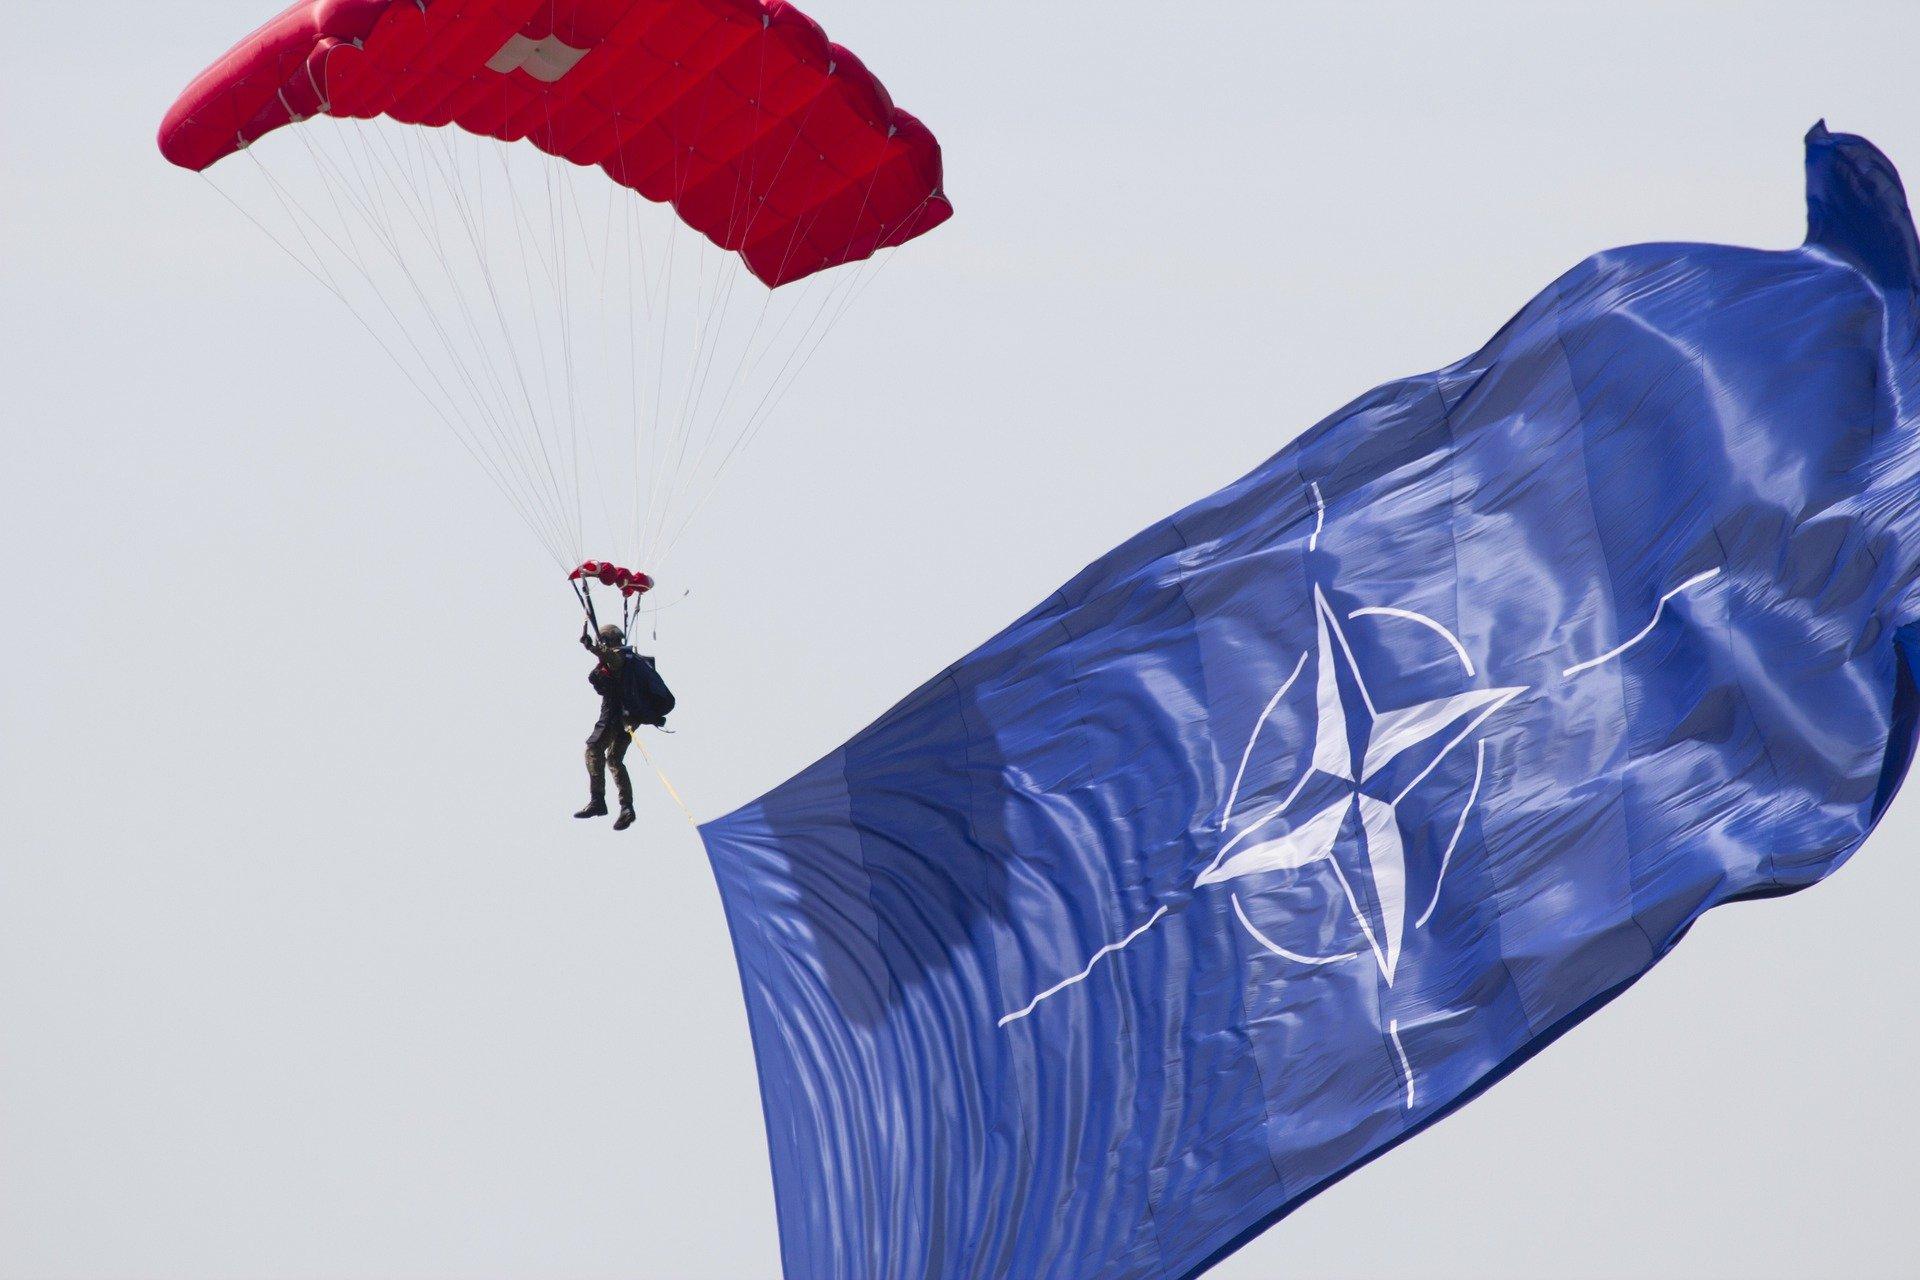 Мечта для любого альянса: в Госдуме оценили просьбу Зеленского к Байдену помочь Украине вступить в НАТО